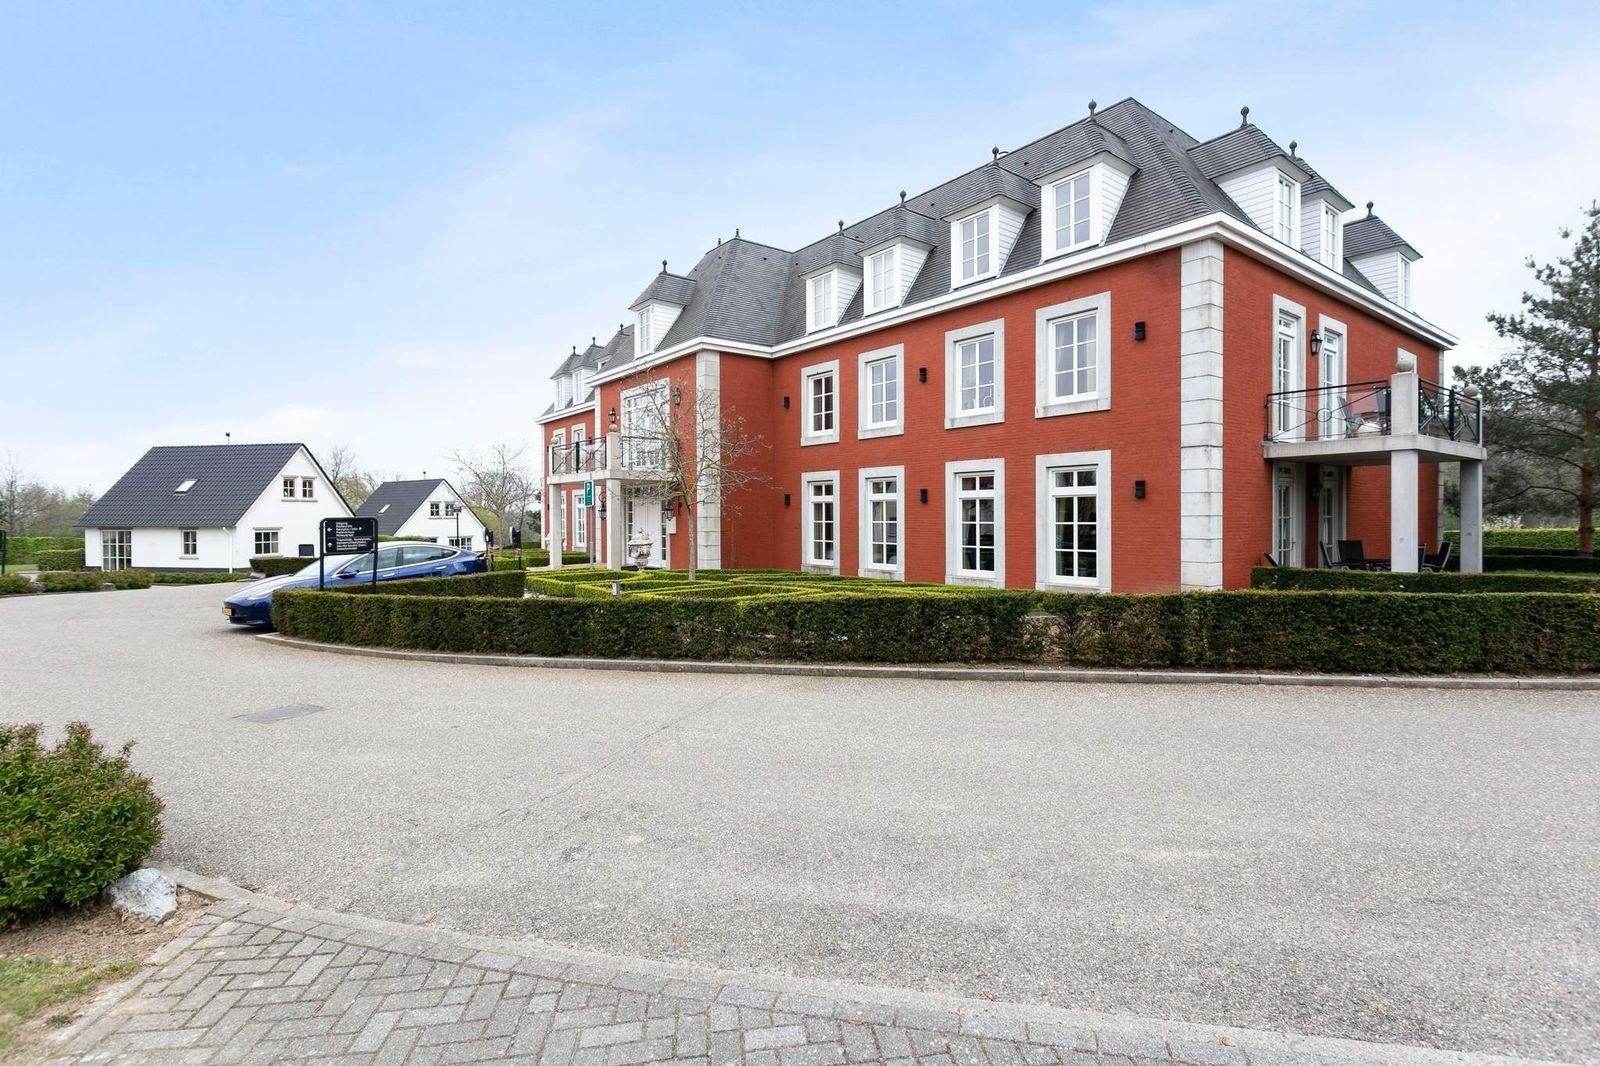 Cauberg 29-507, Valkenburg